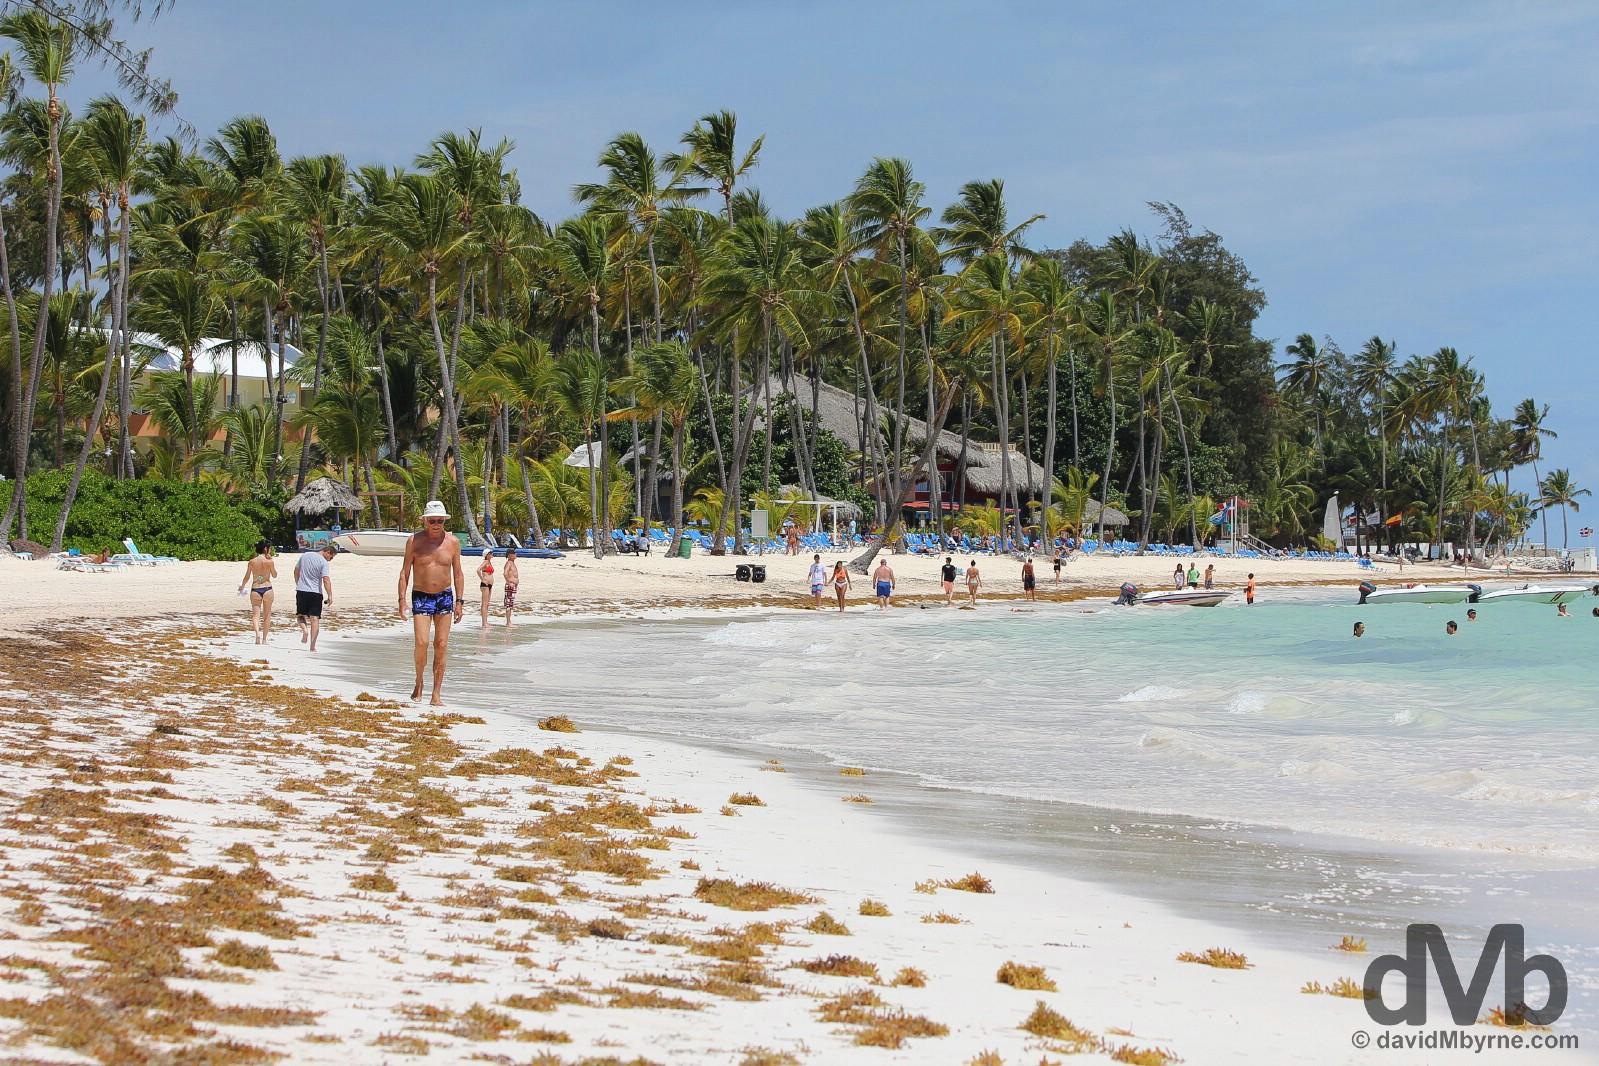 Playa El Cortecito, Punta Cana, Dominican Republic. May 28. 2015.